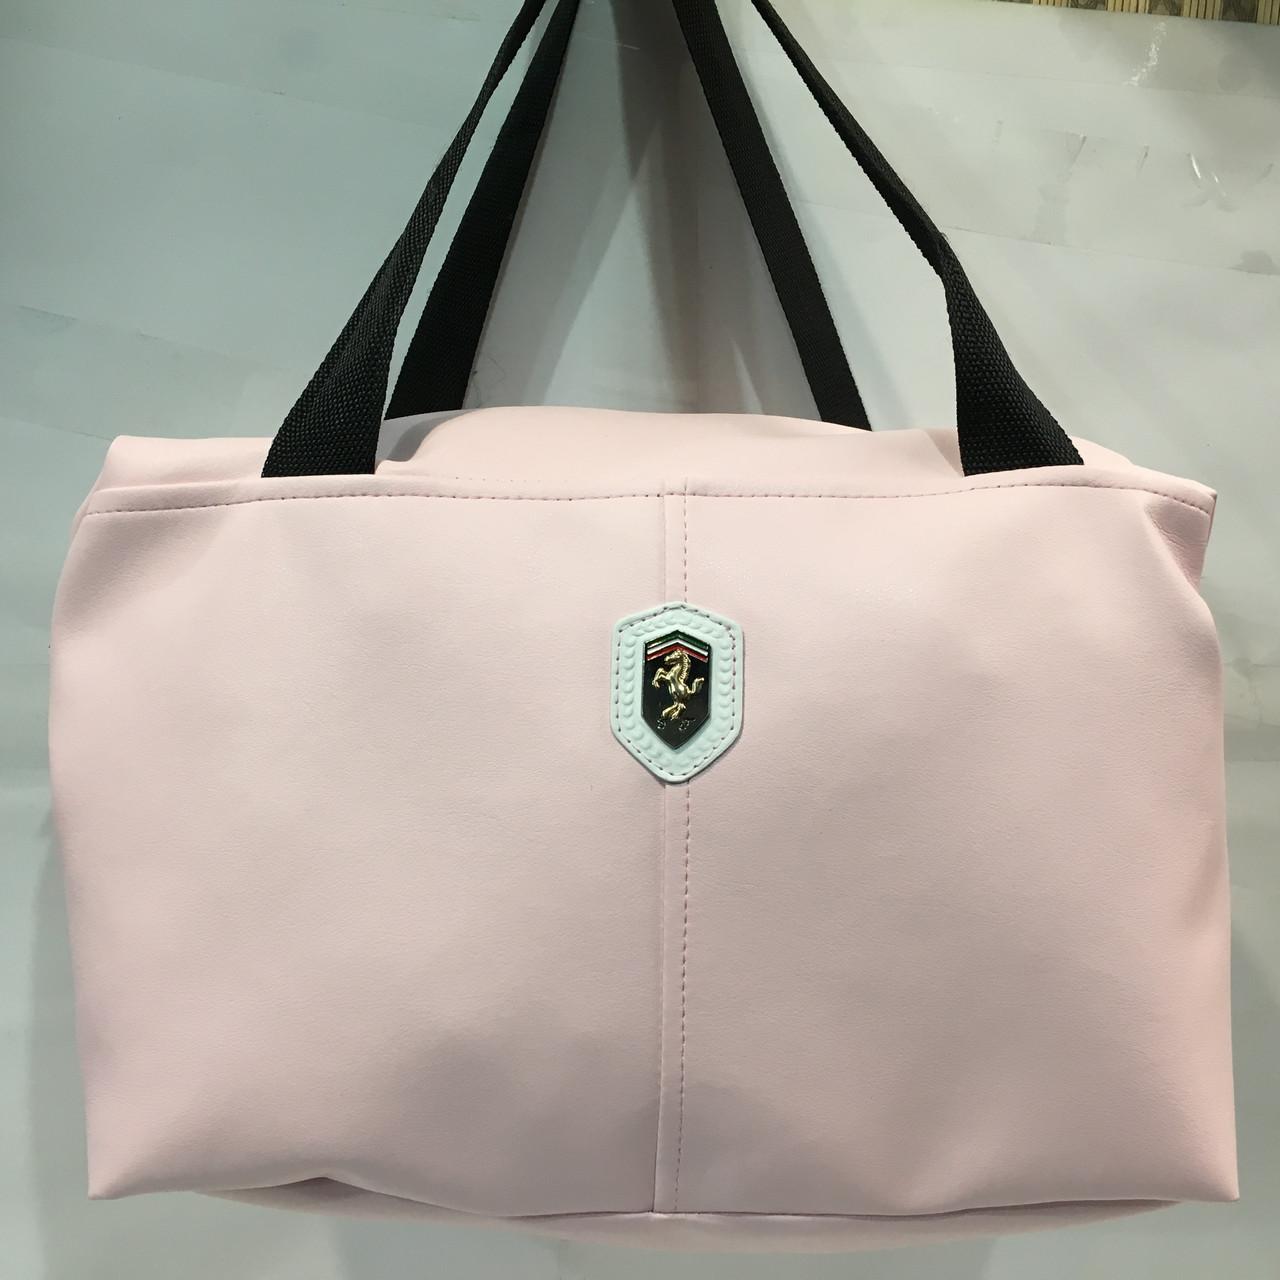 96893ade6380 Женская спортивная сумка PUMA Ferrari, сумка Пума Феррари оптом ...